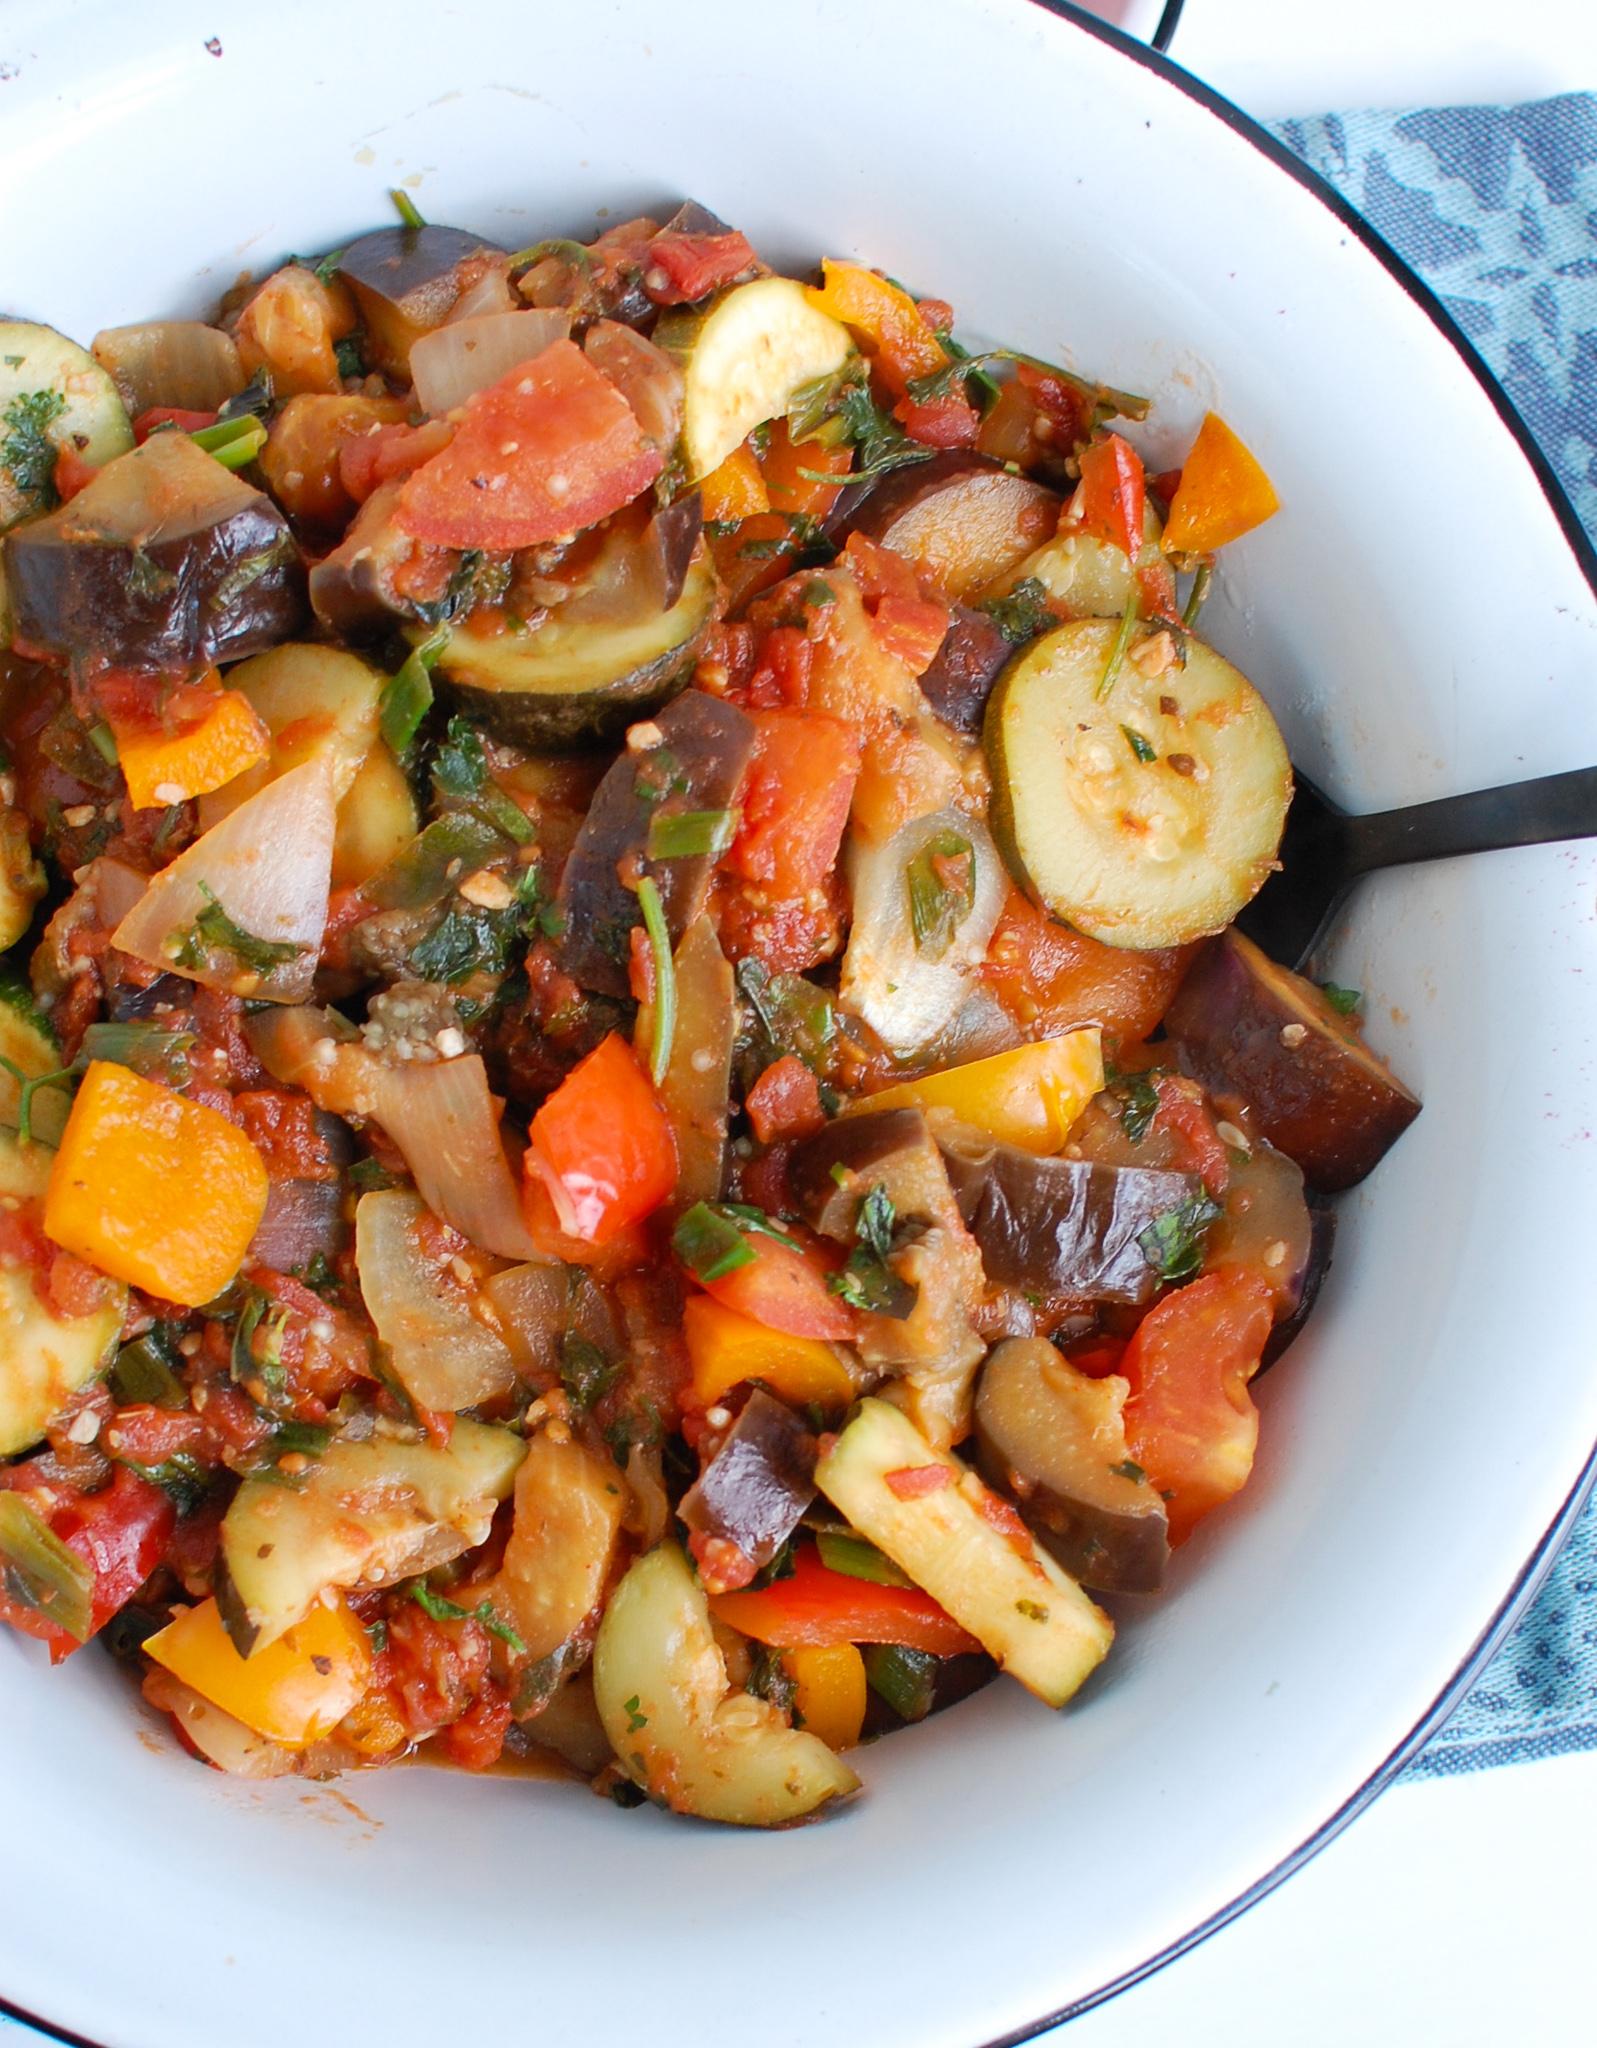 Ratatouille Recipe with vegetables